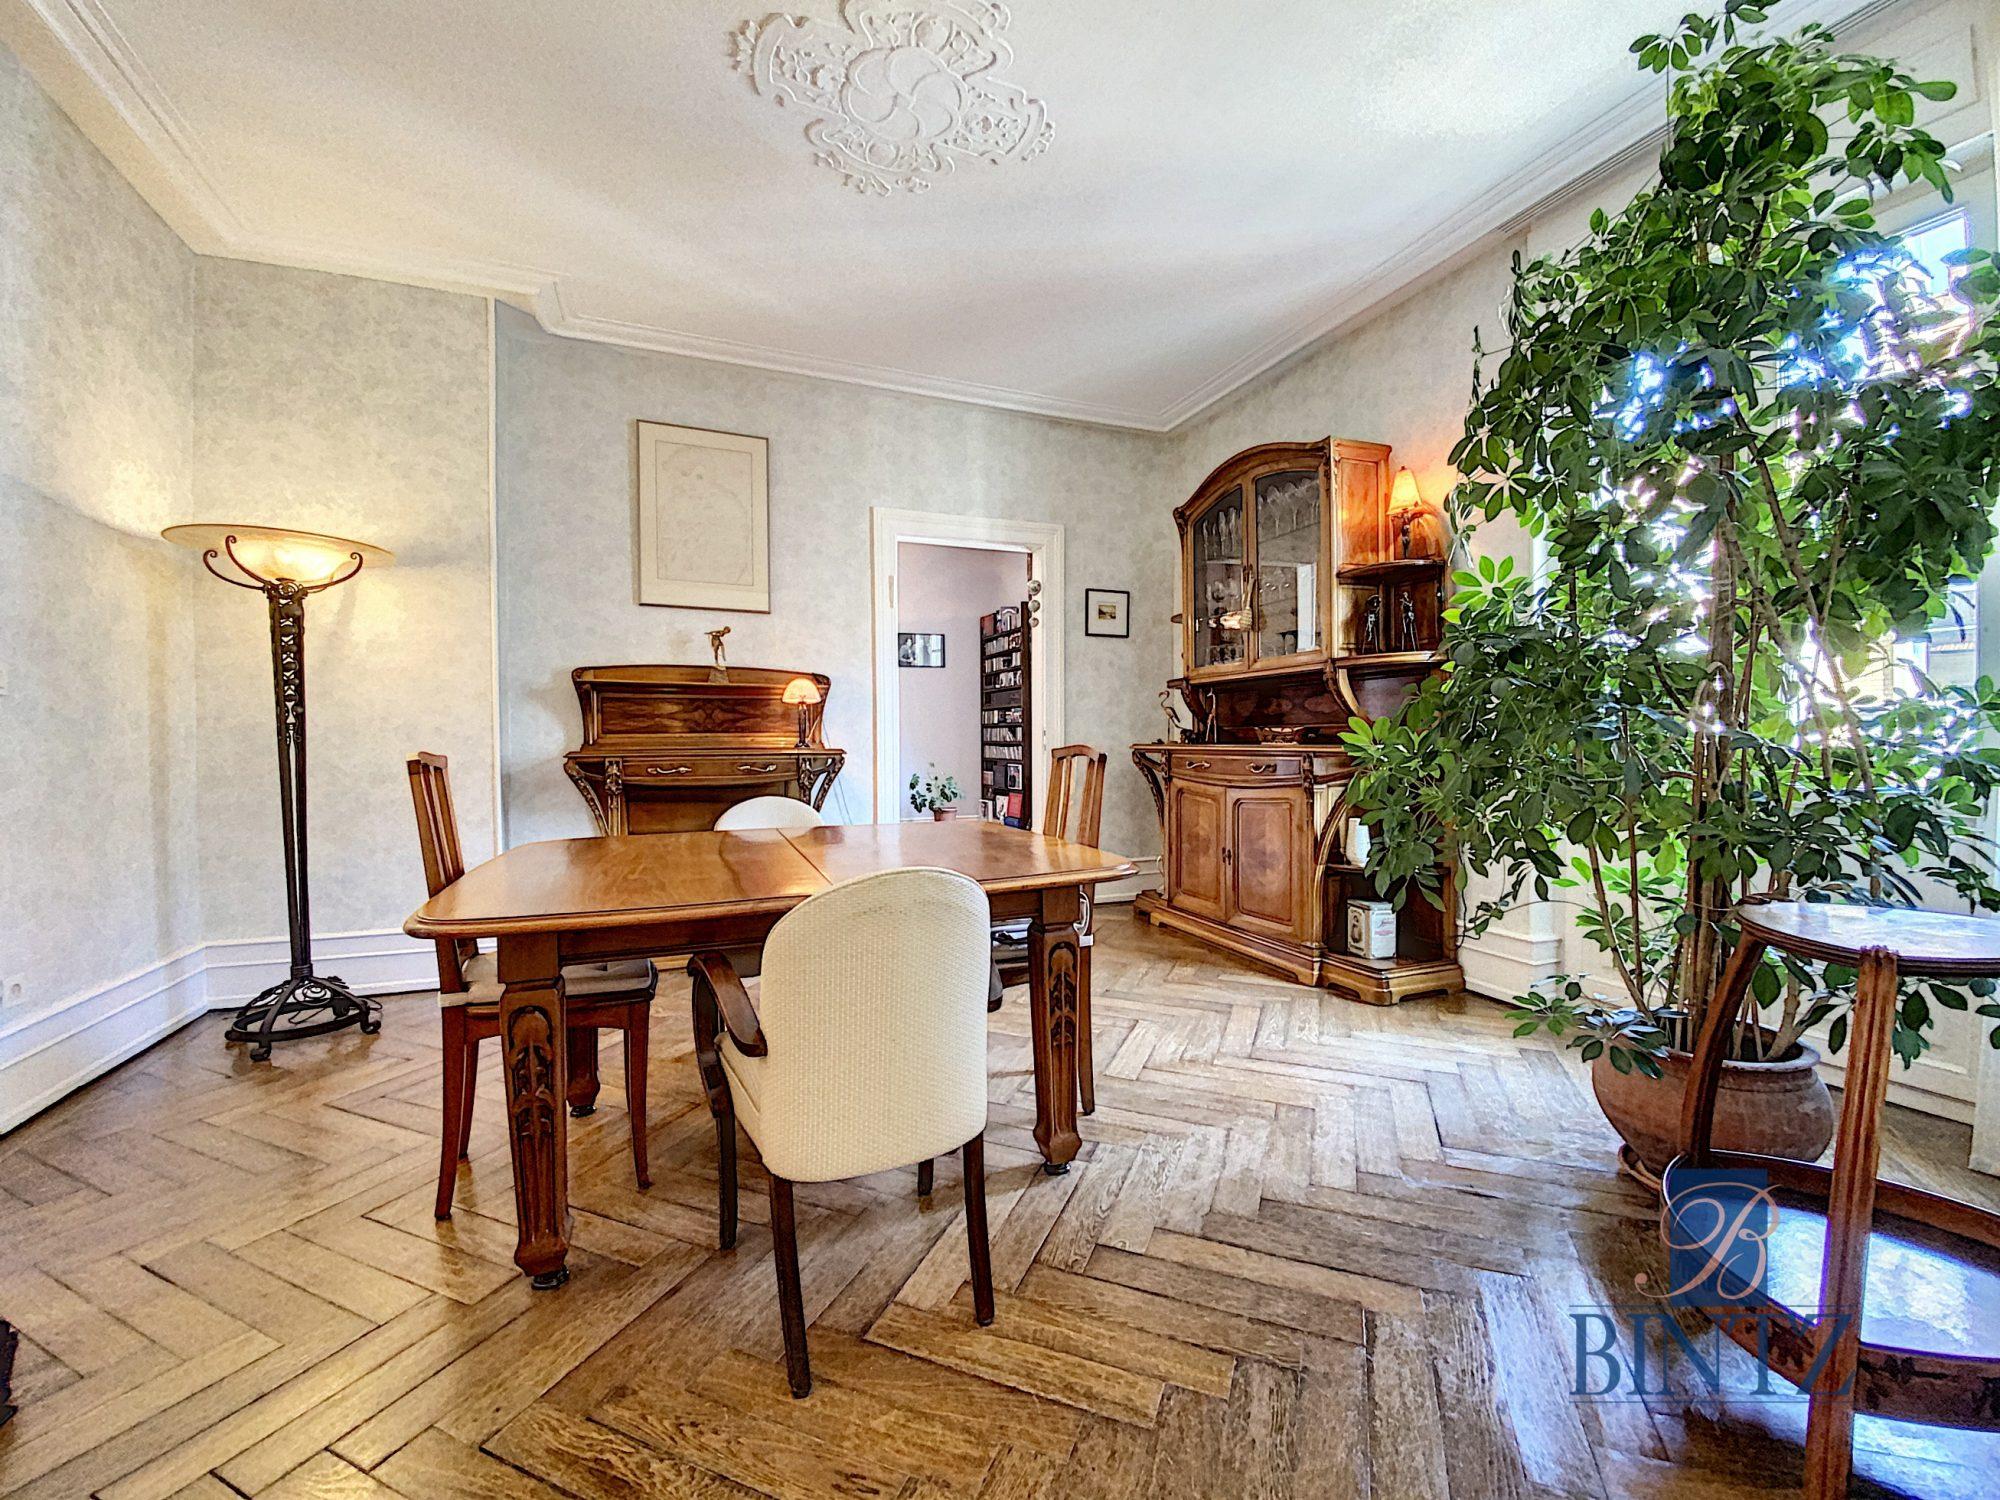 Appartement de 7 pièces – Rue Schwendi - Devenez propriétaire en toute confiance - Bintz Immobilier - 1